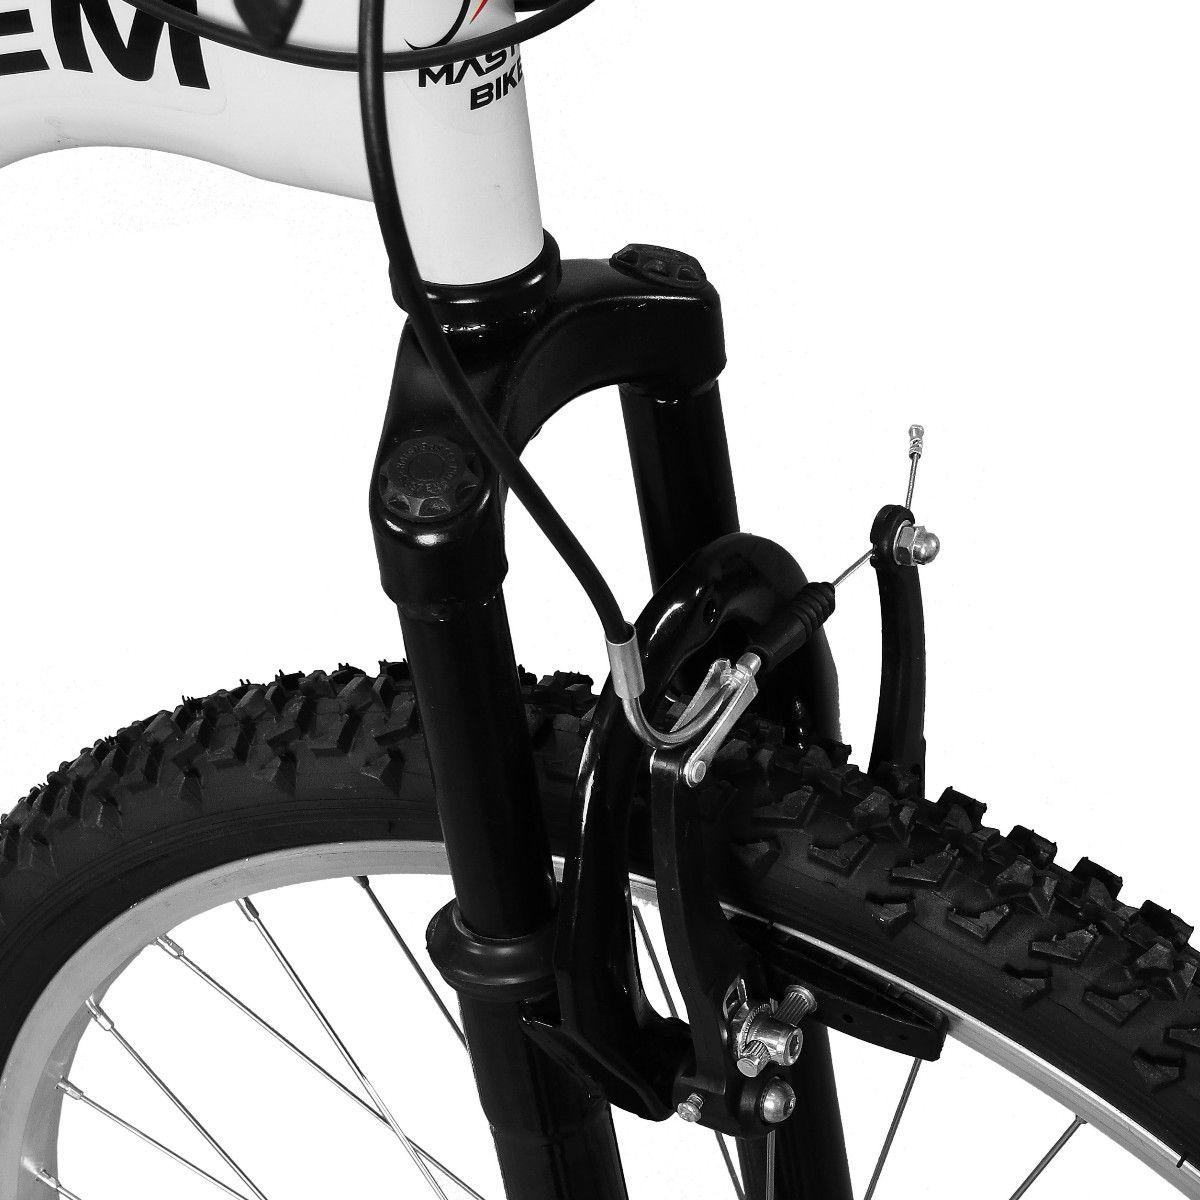 Bicicleta Master Bike Aro 26 Totem S 18 Marchas V-Brake Branco